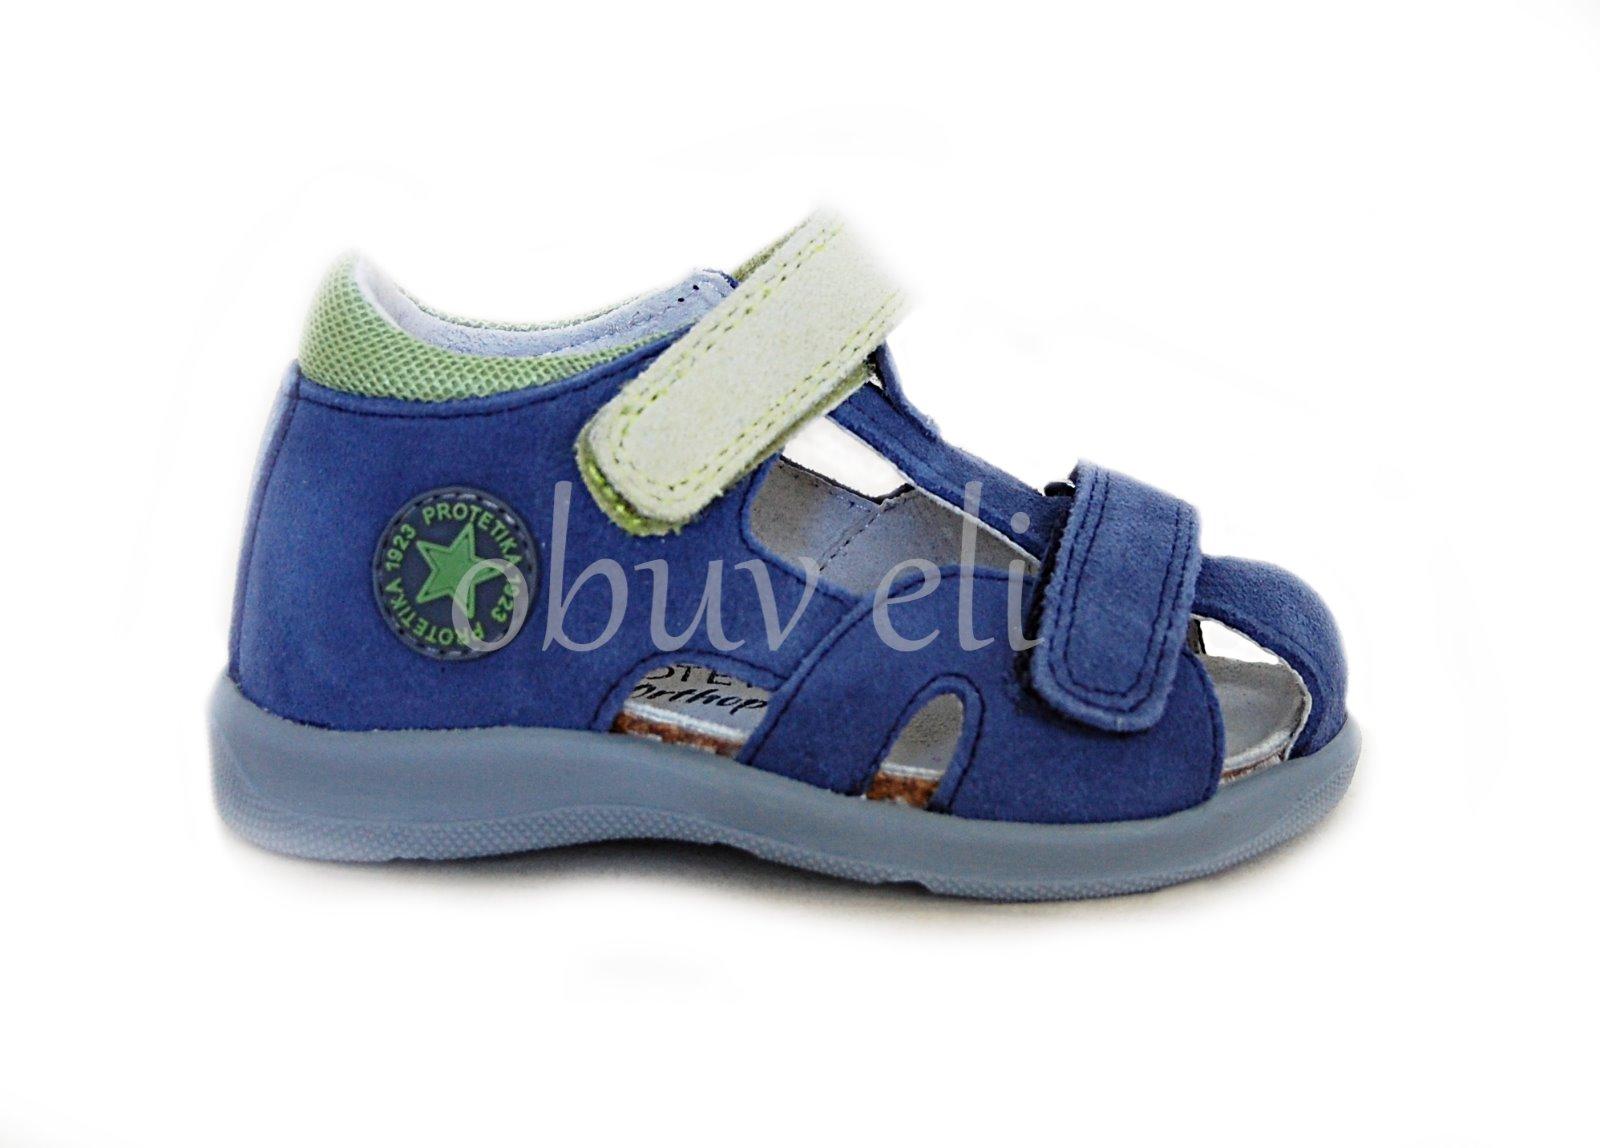 9f6990d8c8461 Ortopedické sandále 22-27 na sklade, protetika,22 - 27 - 23,50 € od  predávajúcej obuveli | Detský bazár | ModryKonik.sk